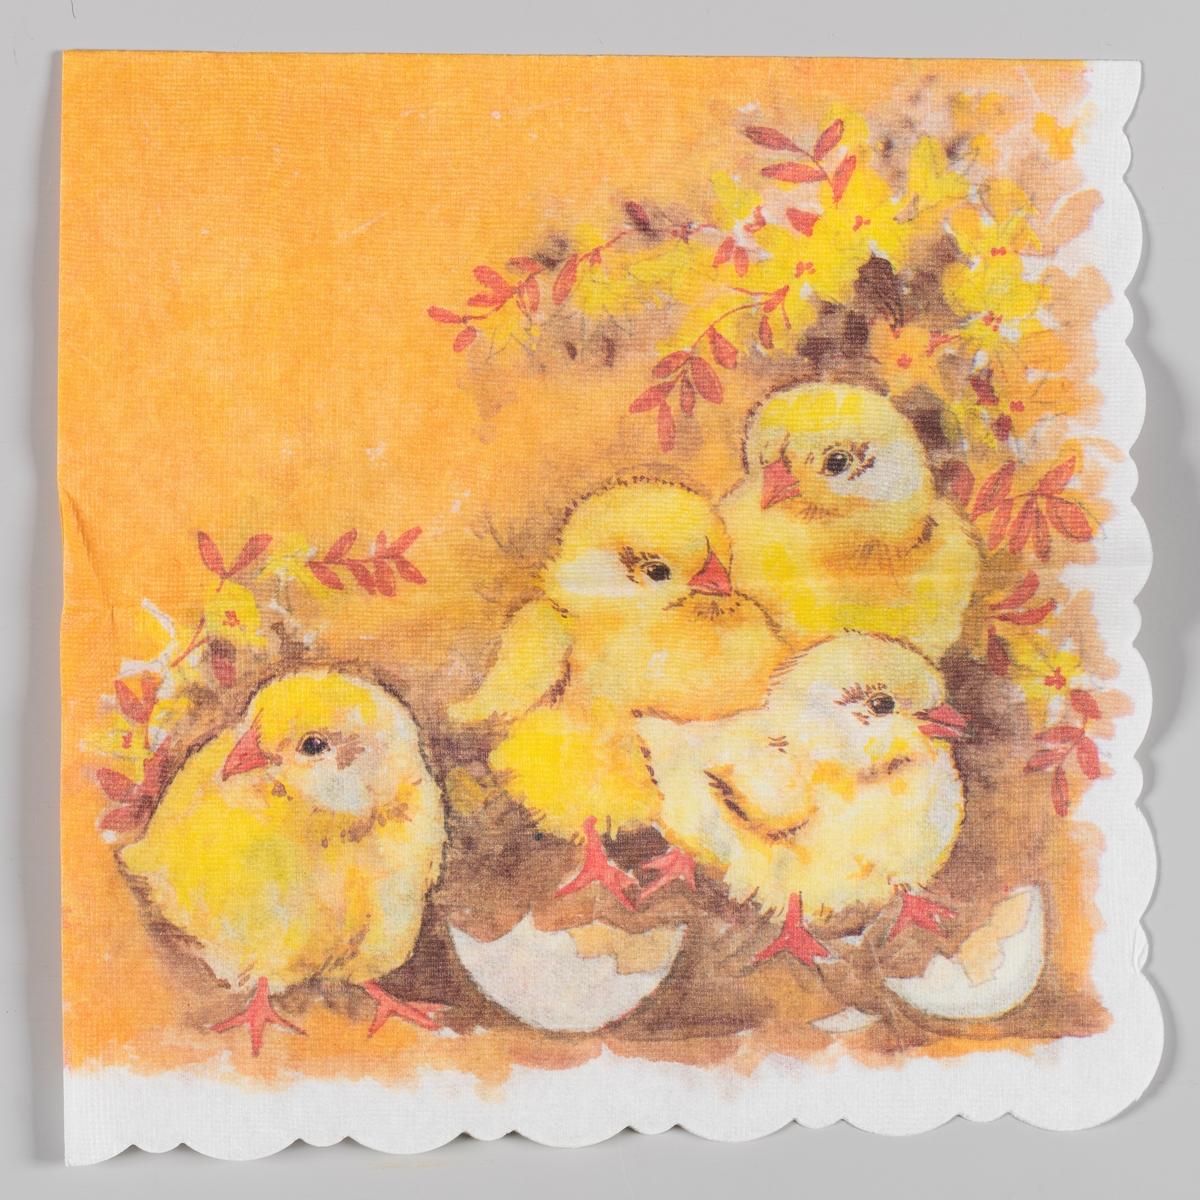 Fire kyllinger og skallet av et egg står i et landskpa med oransje og gule blomster og blader.